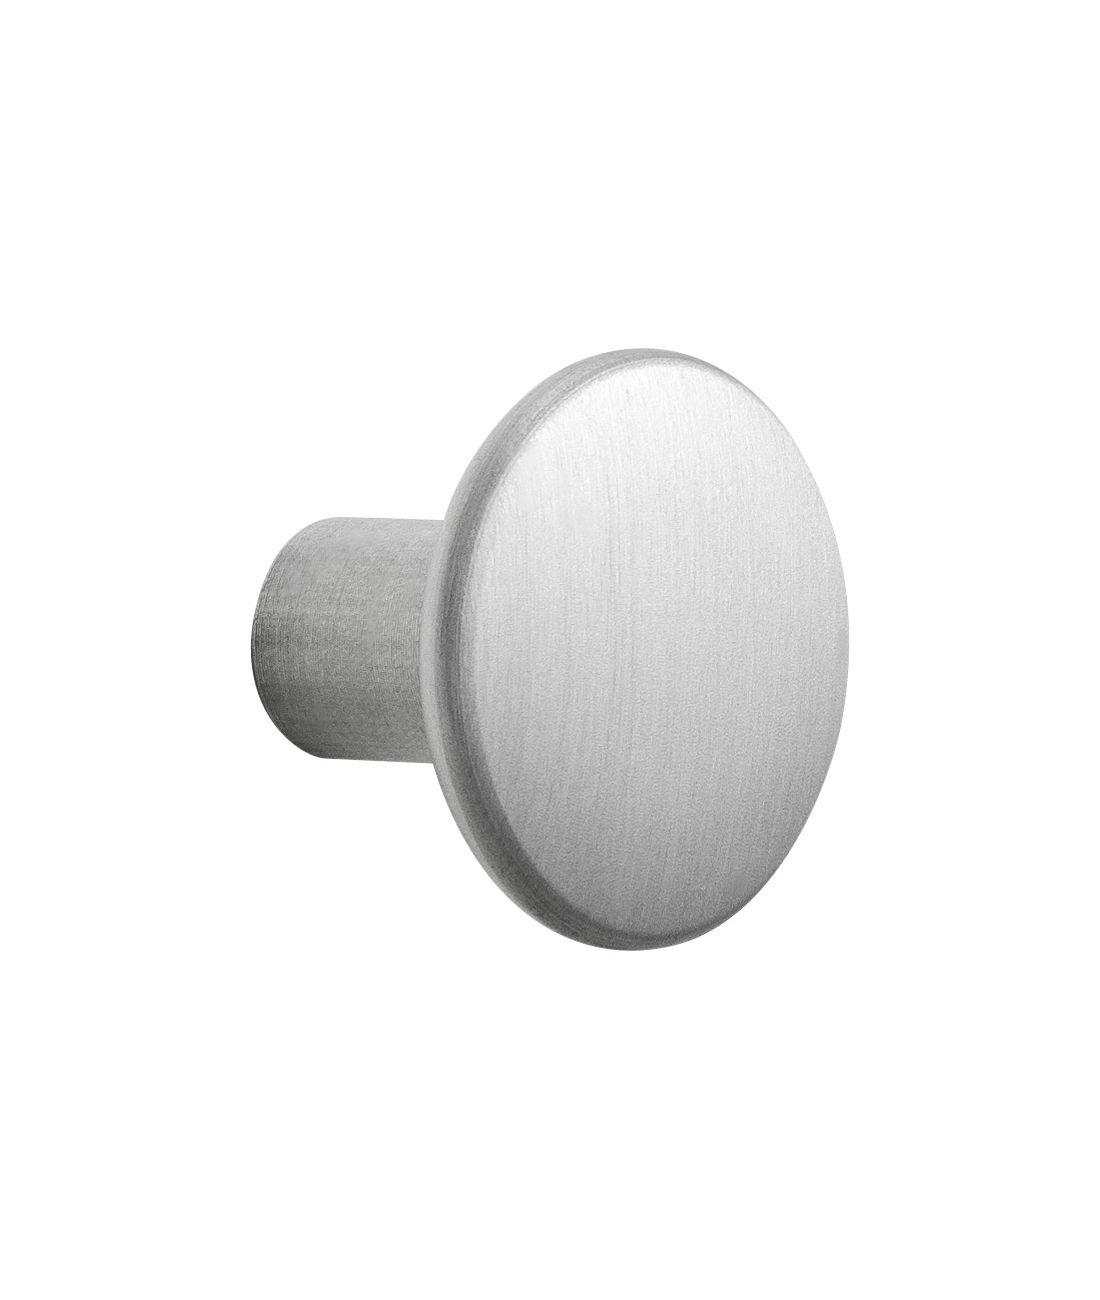 Möbel - Garderoben und Kleiderhaken - The Dots Metal Wandhaken / Größe S - Ø 2,7 cm - Muuto - Aluminium - Aluminium